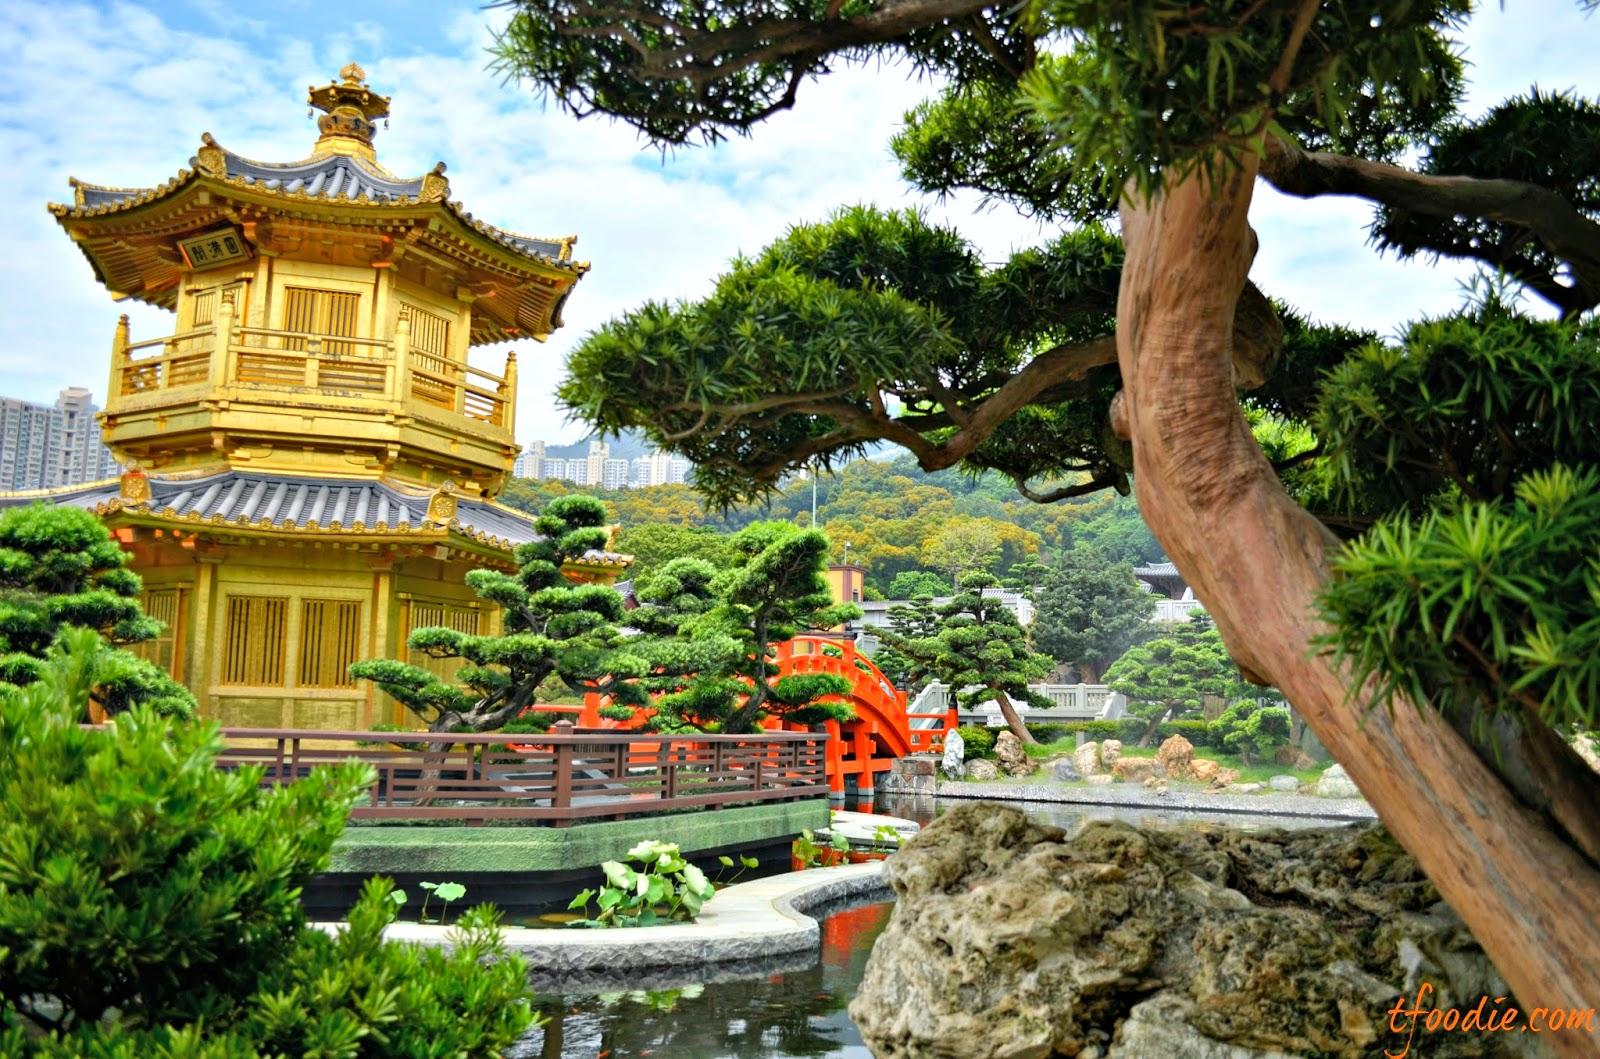 chi lin nunnery nan lian gardens hong kong - Nan Lian Garden